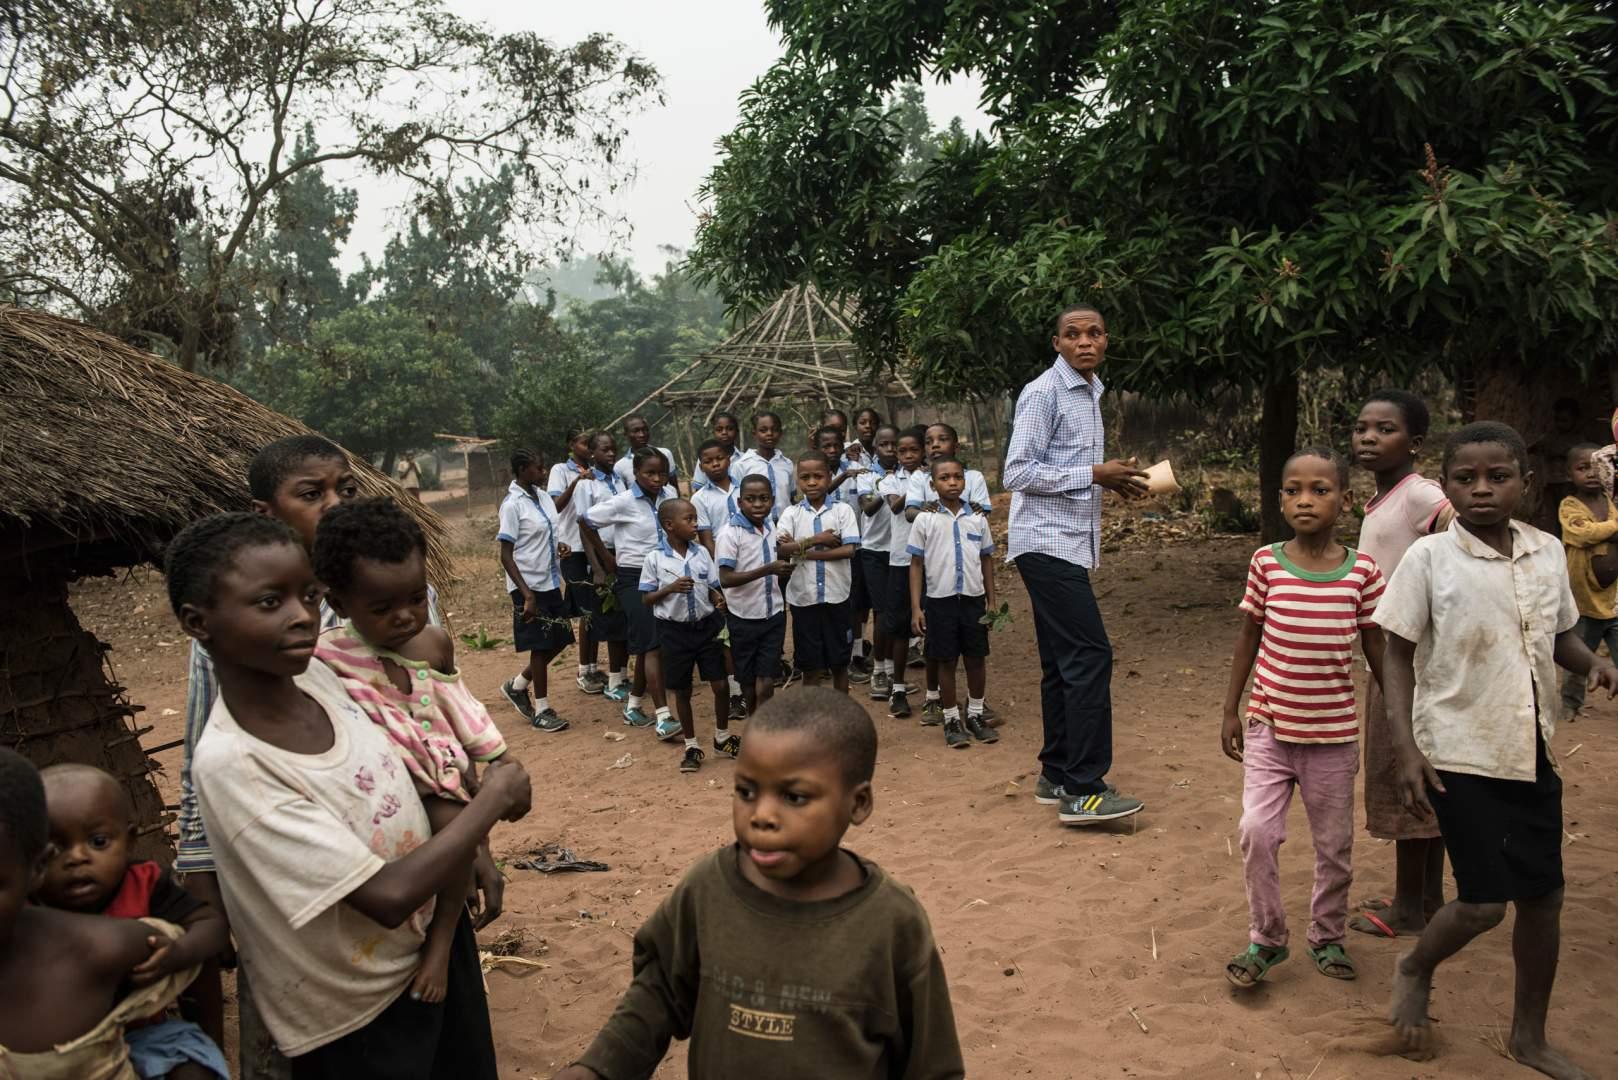 Добыча алмазов в Демокартической Республике Конго. Фото № 4